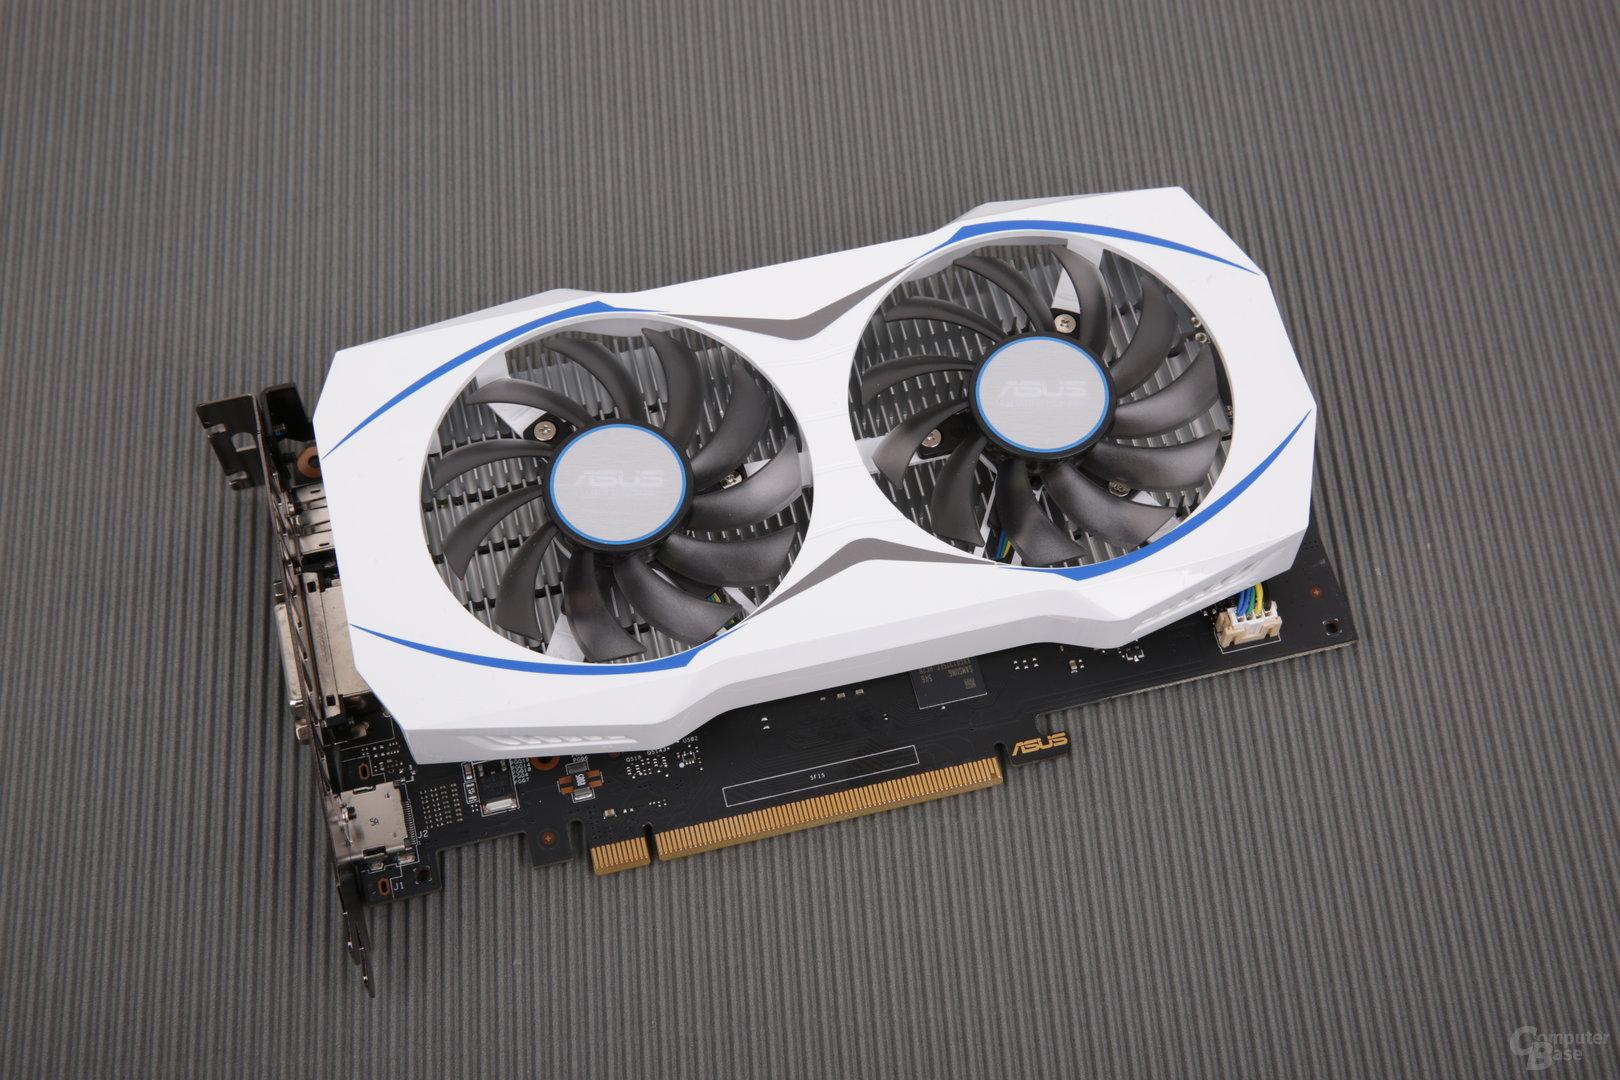 Asus GeForce GTX 950 2G